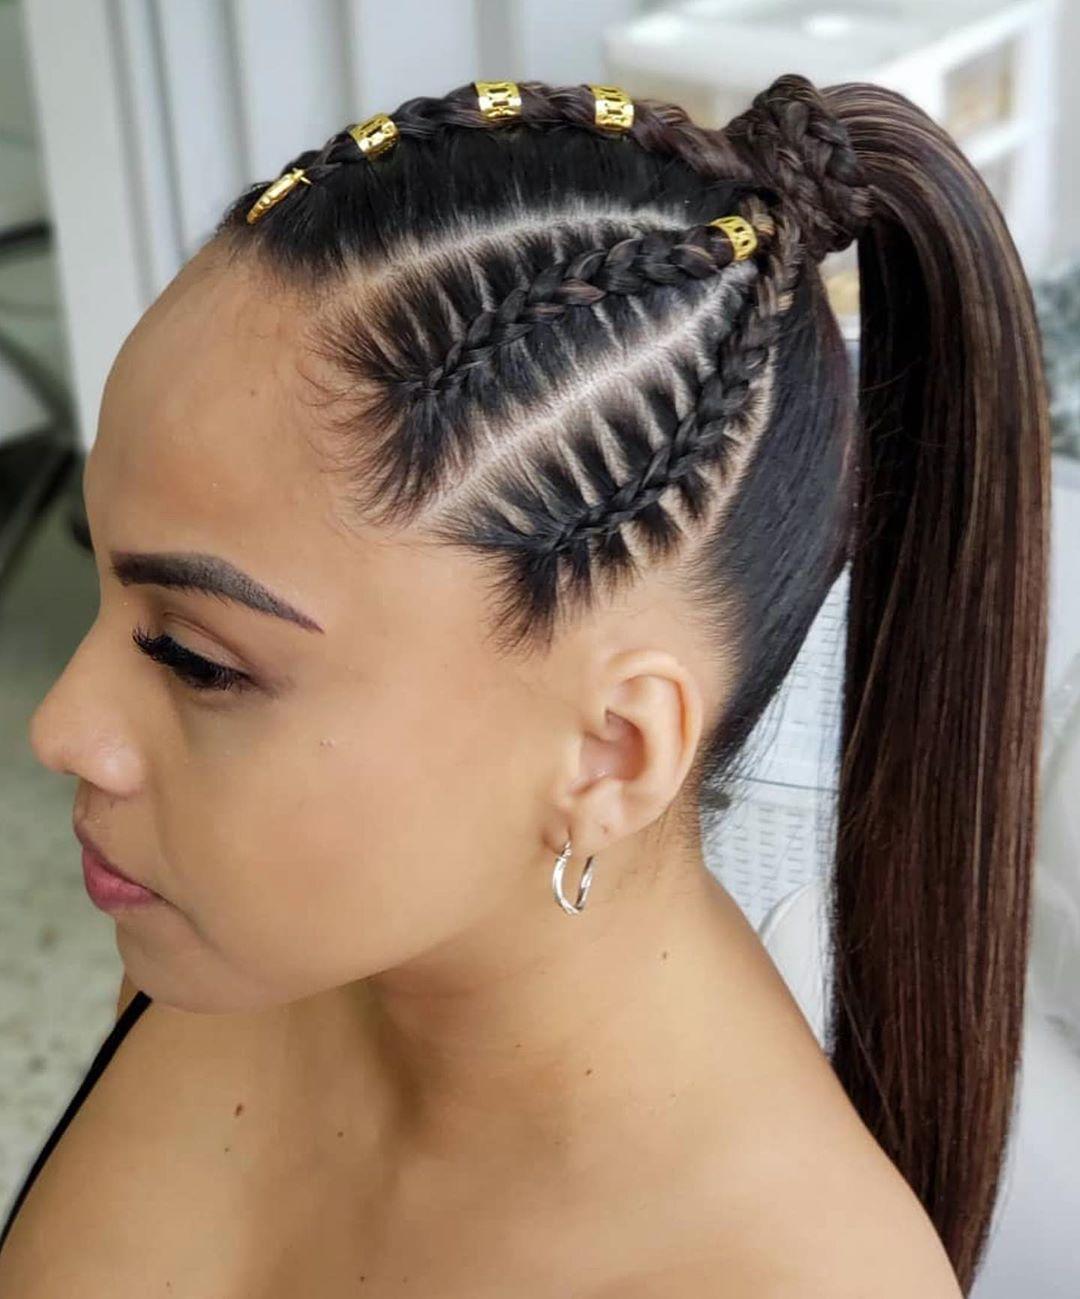 Completamente imperfecto peinados recogidos con trenzas Fotos de las tendencias de color de pelo - Peinados De Trenzas Todo El Pelo | Certificacion Calidad ...